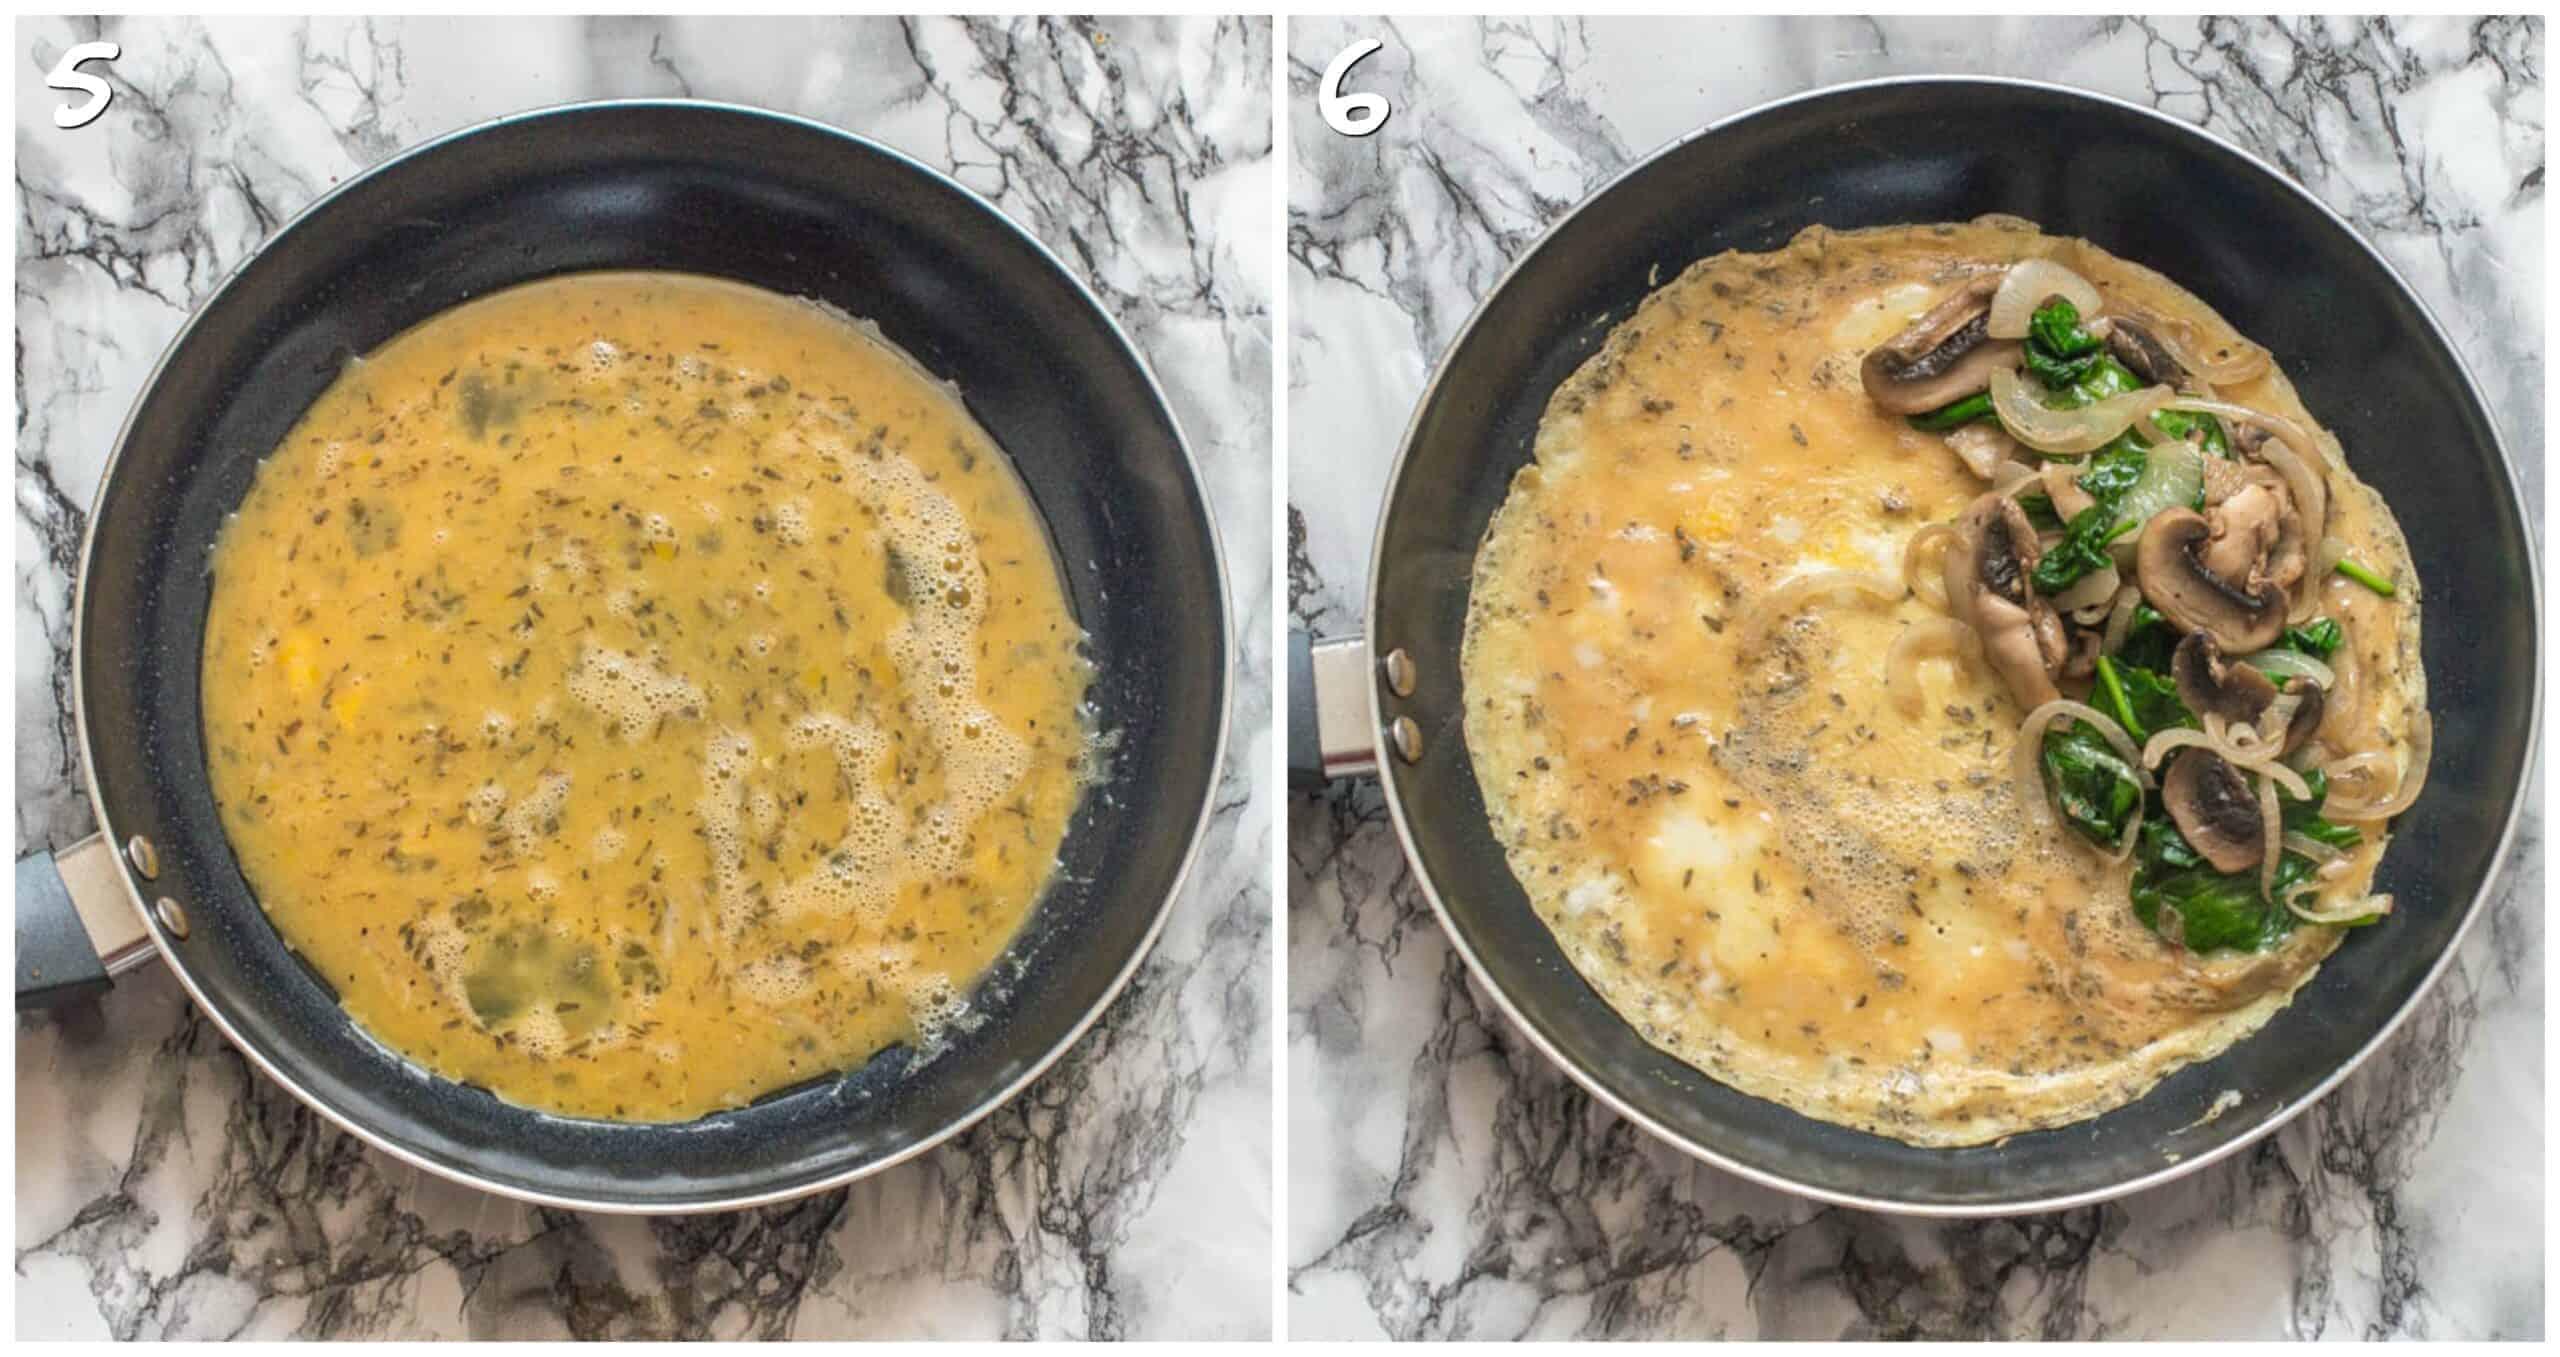 steps 5-6 setting the omelette